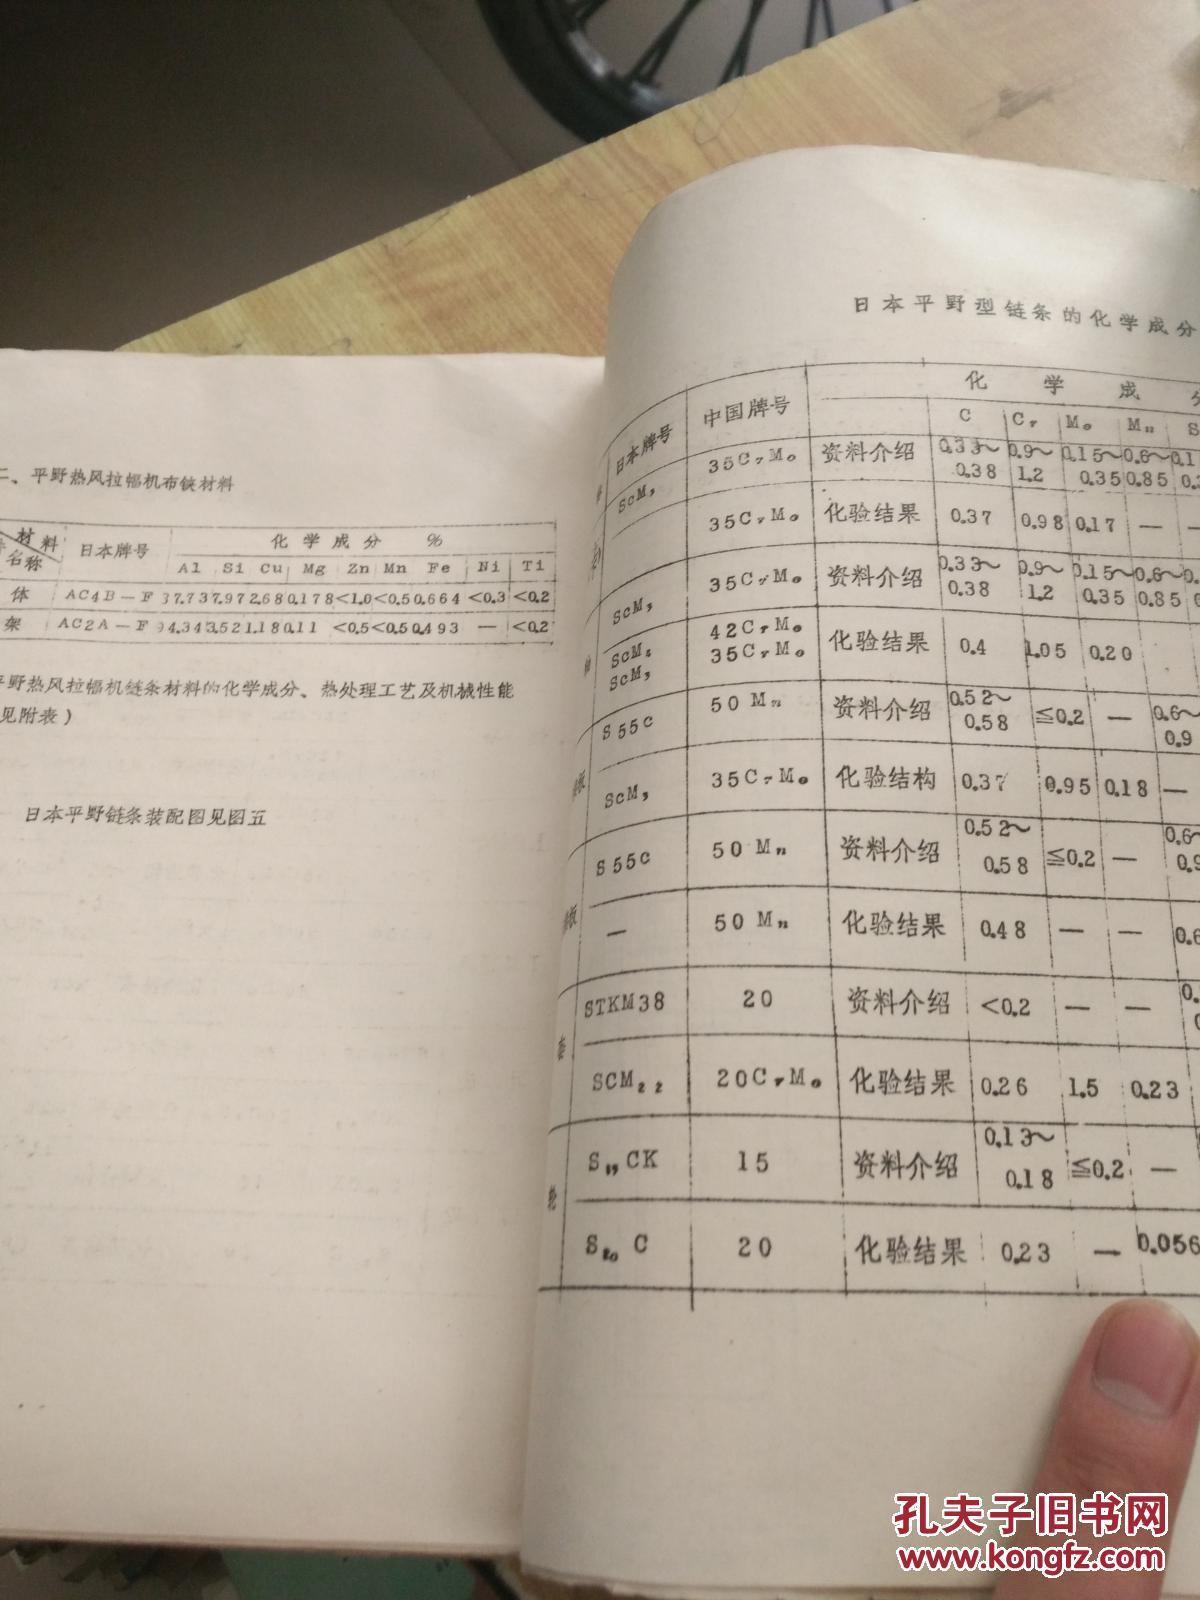 日本设备火灾考察织物染整手动(油印本)(独本)涤棉报告按钮图片